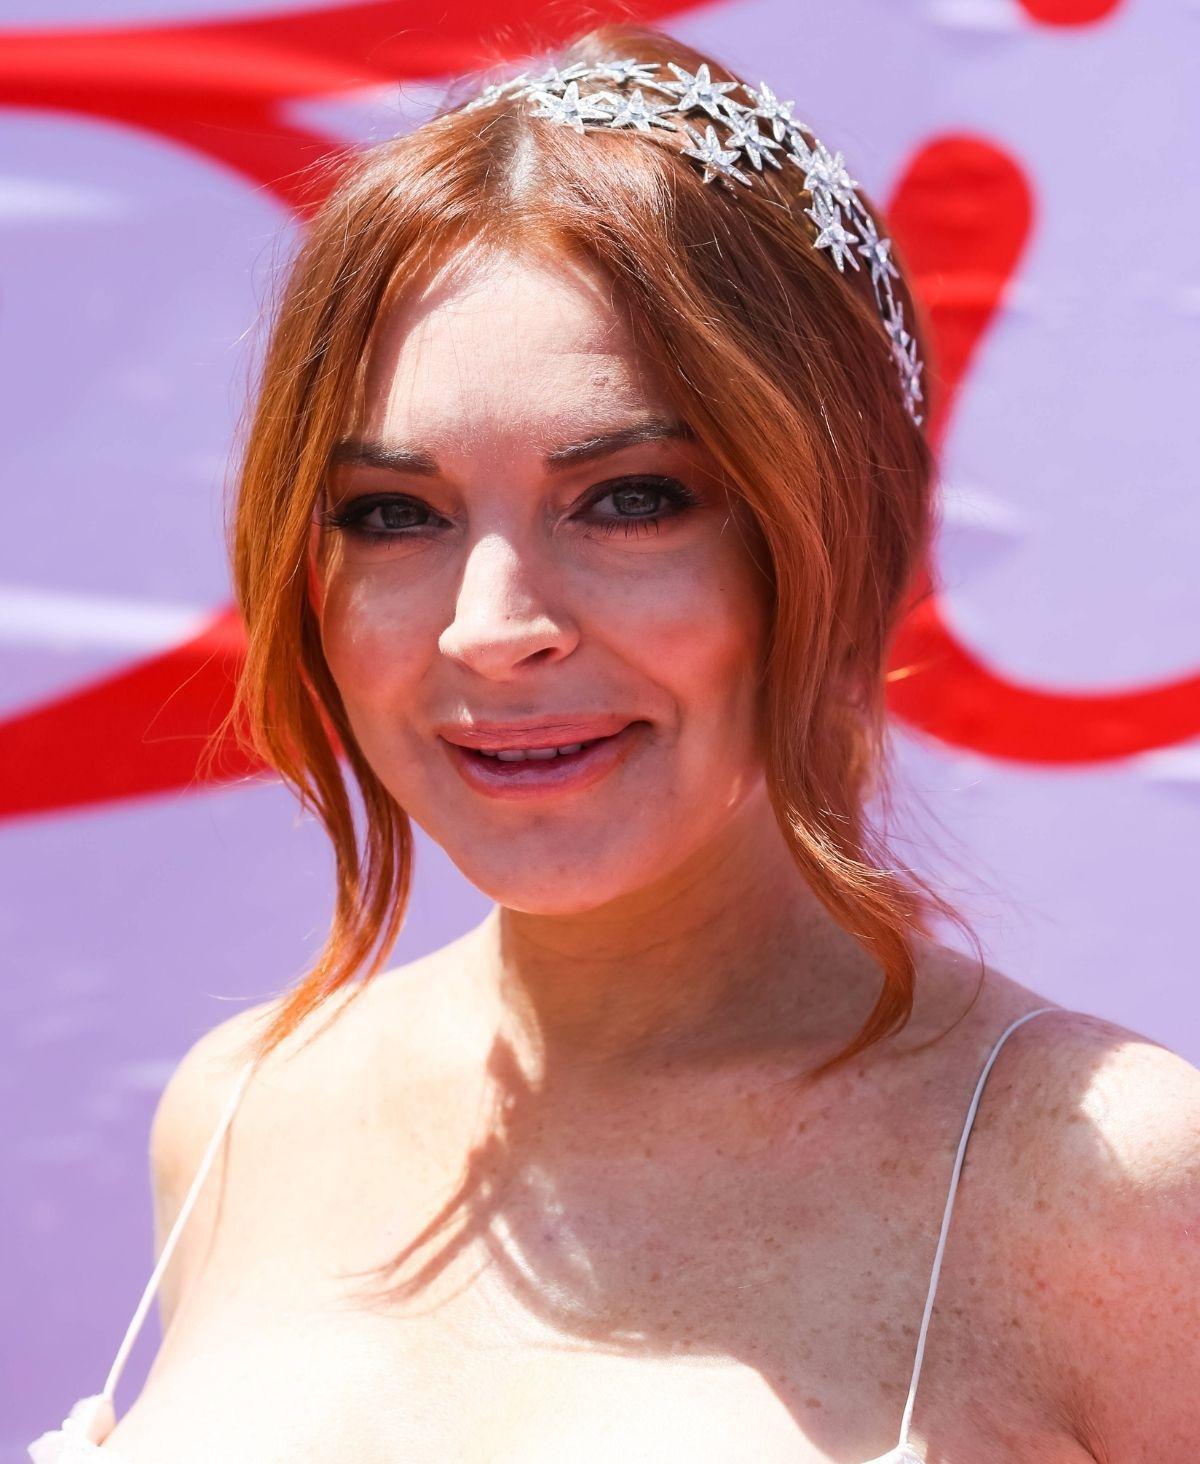 Kiss A Ginger Day: Diese rothaarigen Stars sind am begehrtesten!